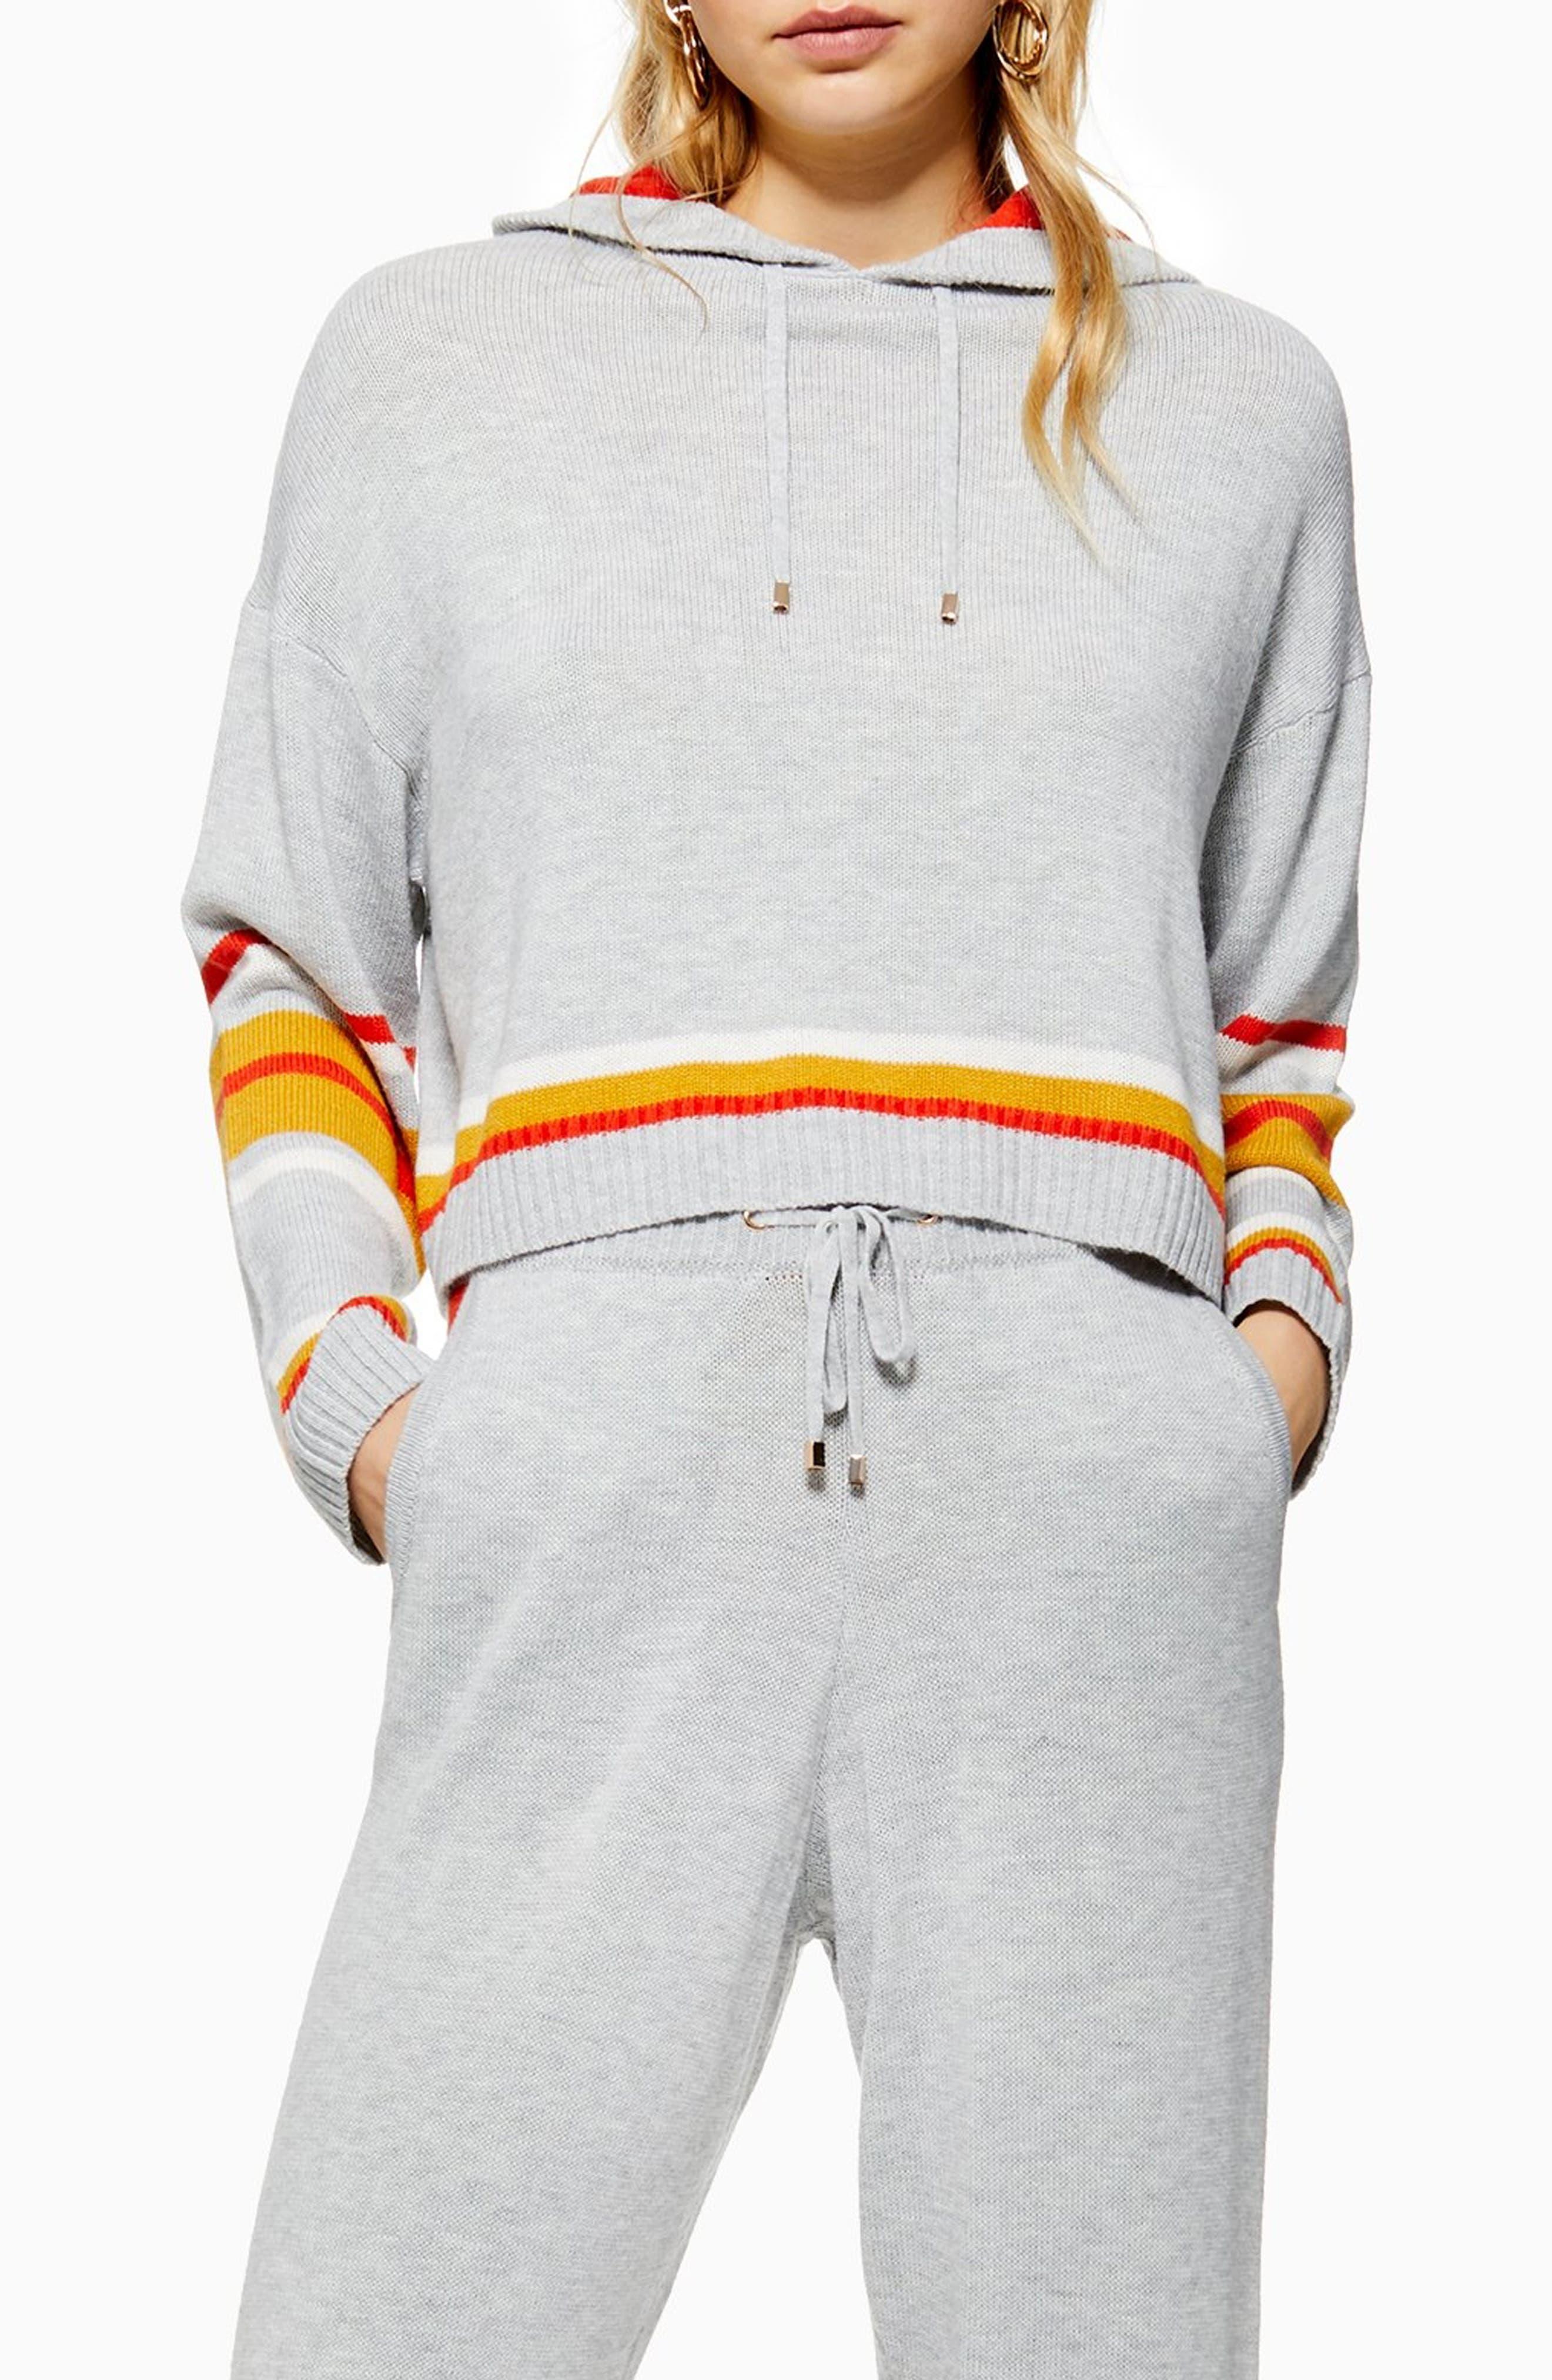 Topshop Women s Sweatshirts   Hoodies Tops  5094f690a